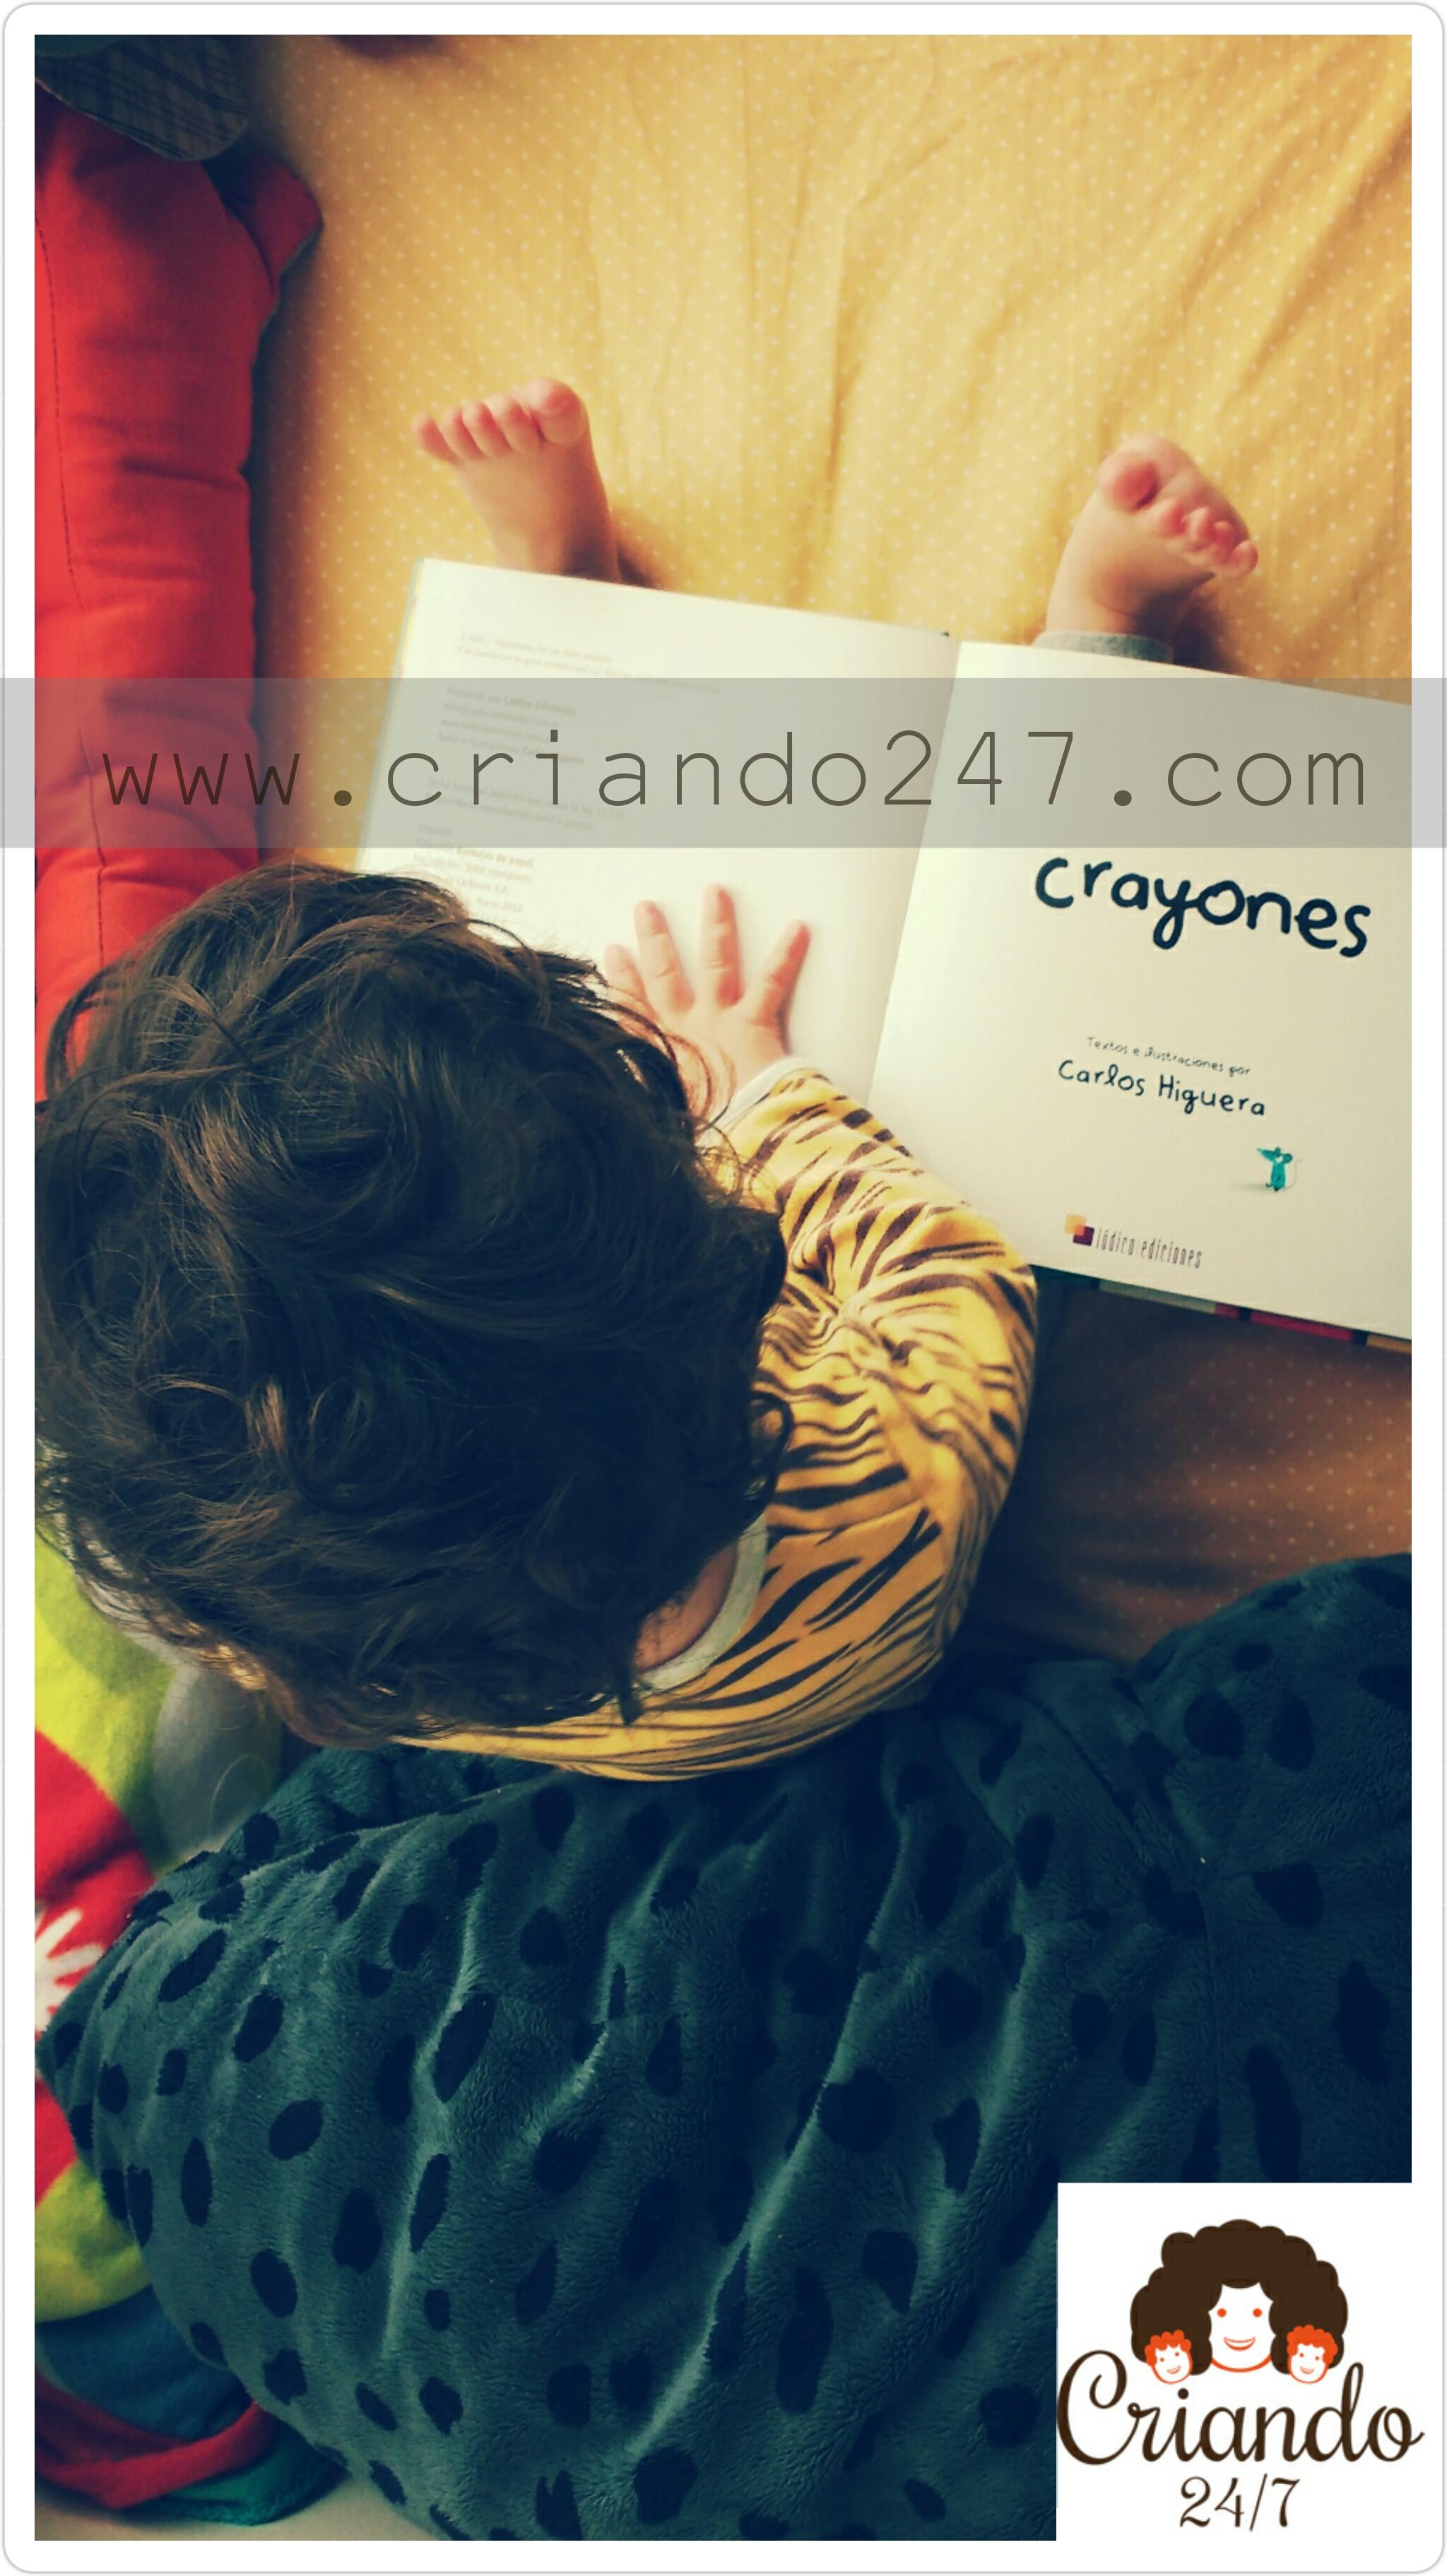 criando247 HoyLeemos Crayones2